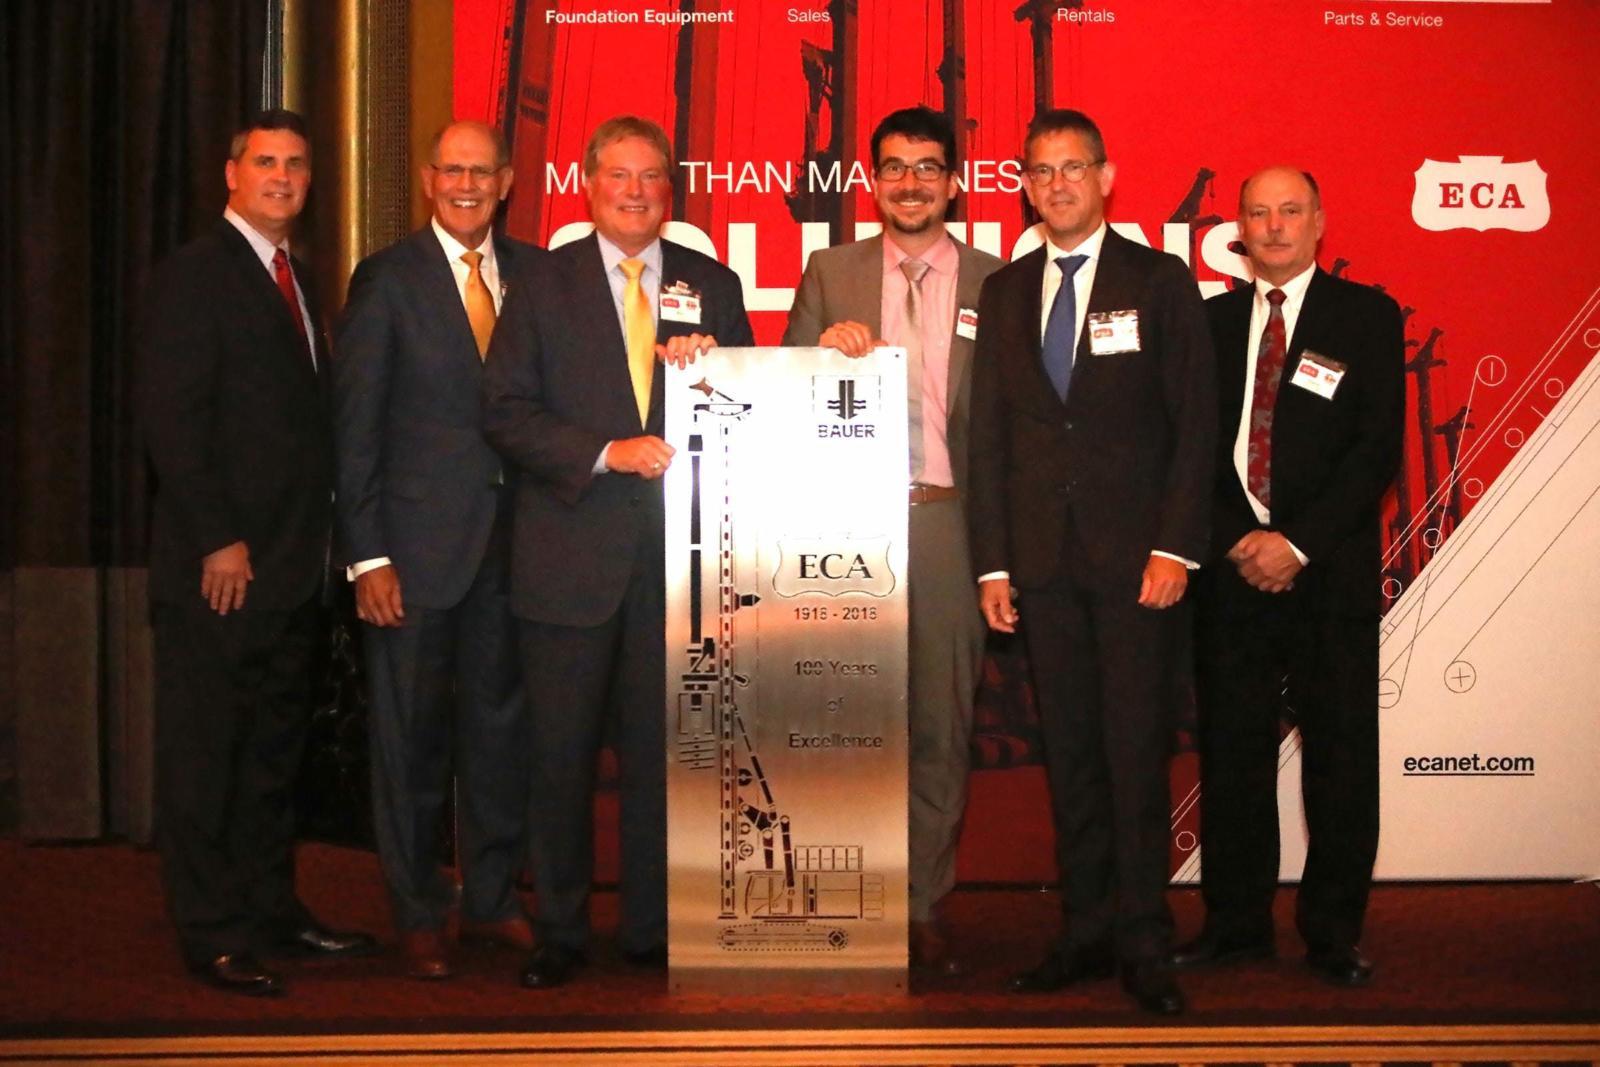 Eca Centennial